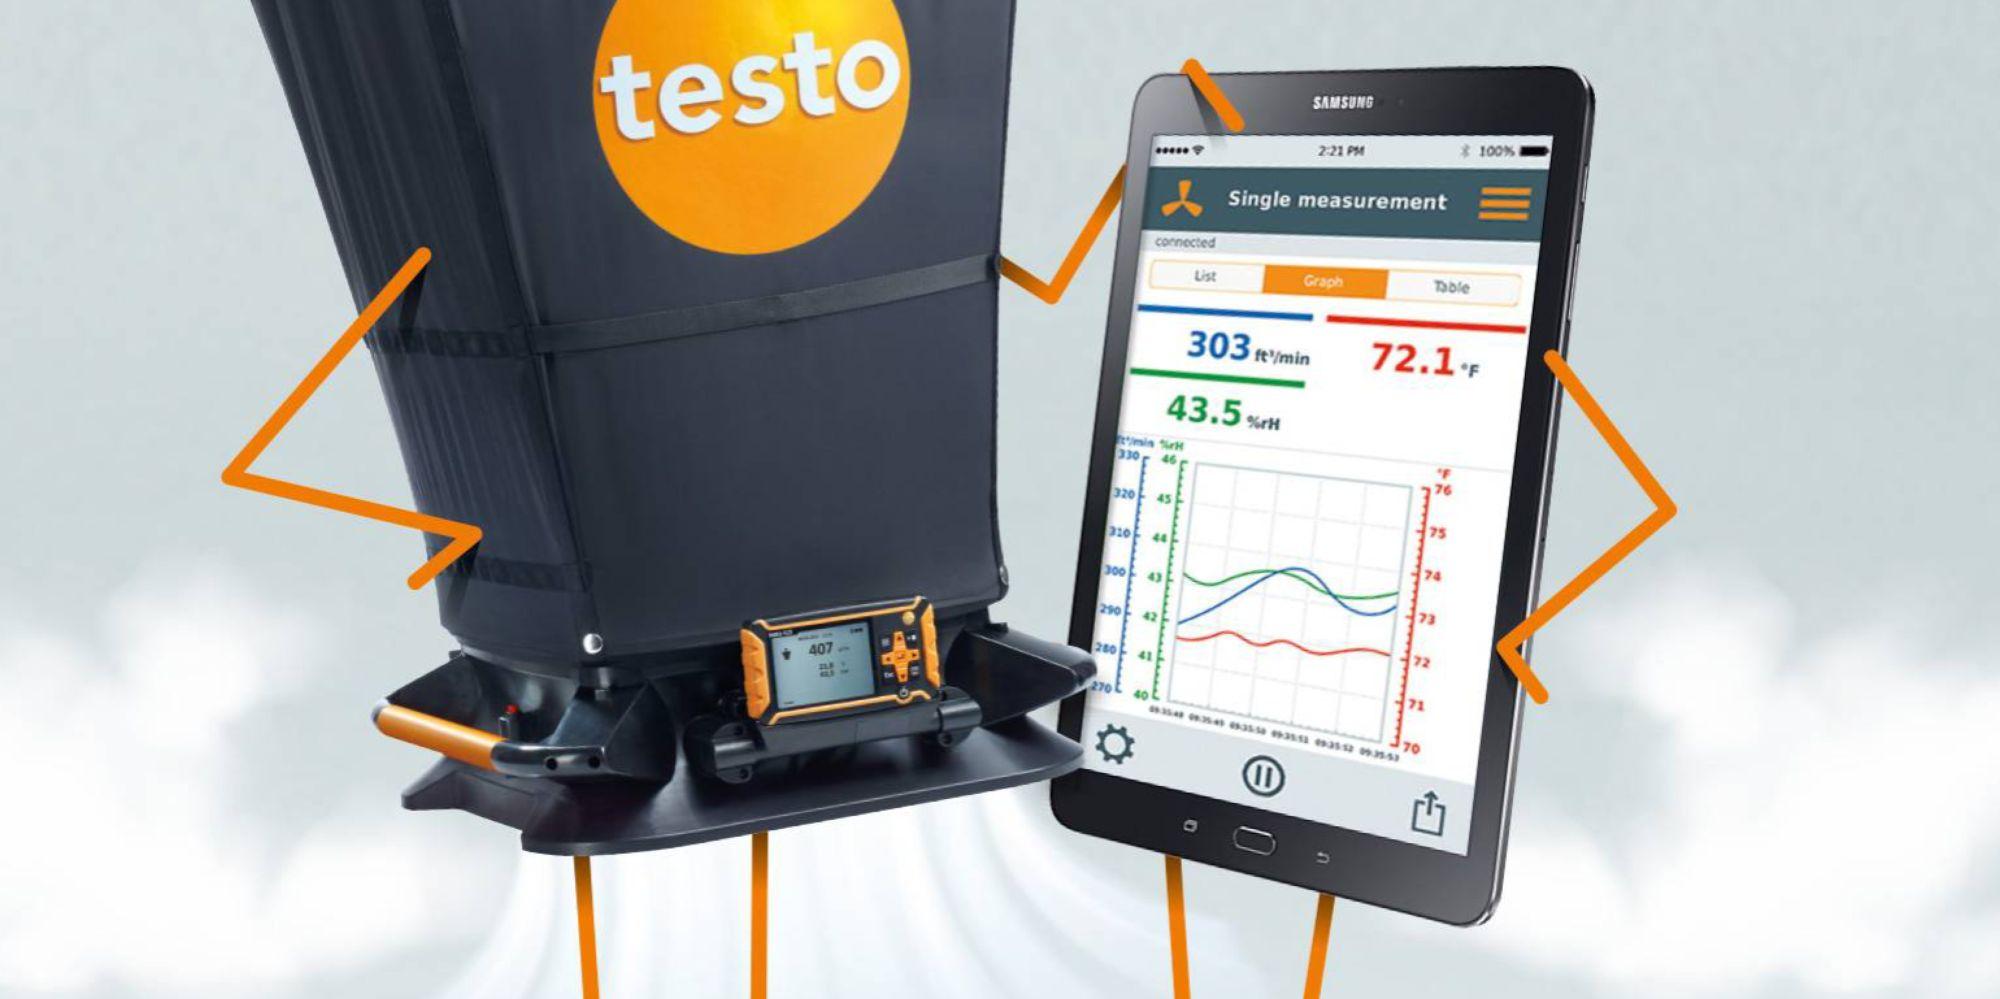 ES-es-i-ph-nl-com-testo420-tablet-free-2020-m-key-visual_2000x1500.jpg